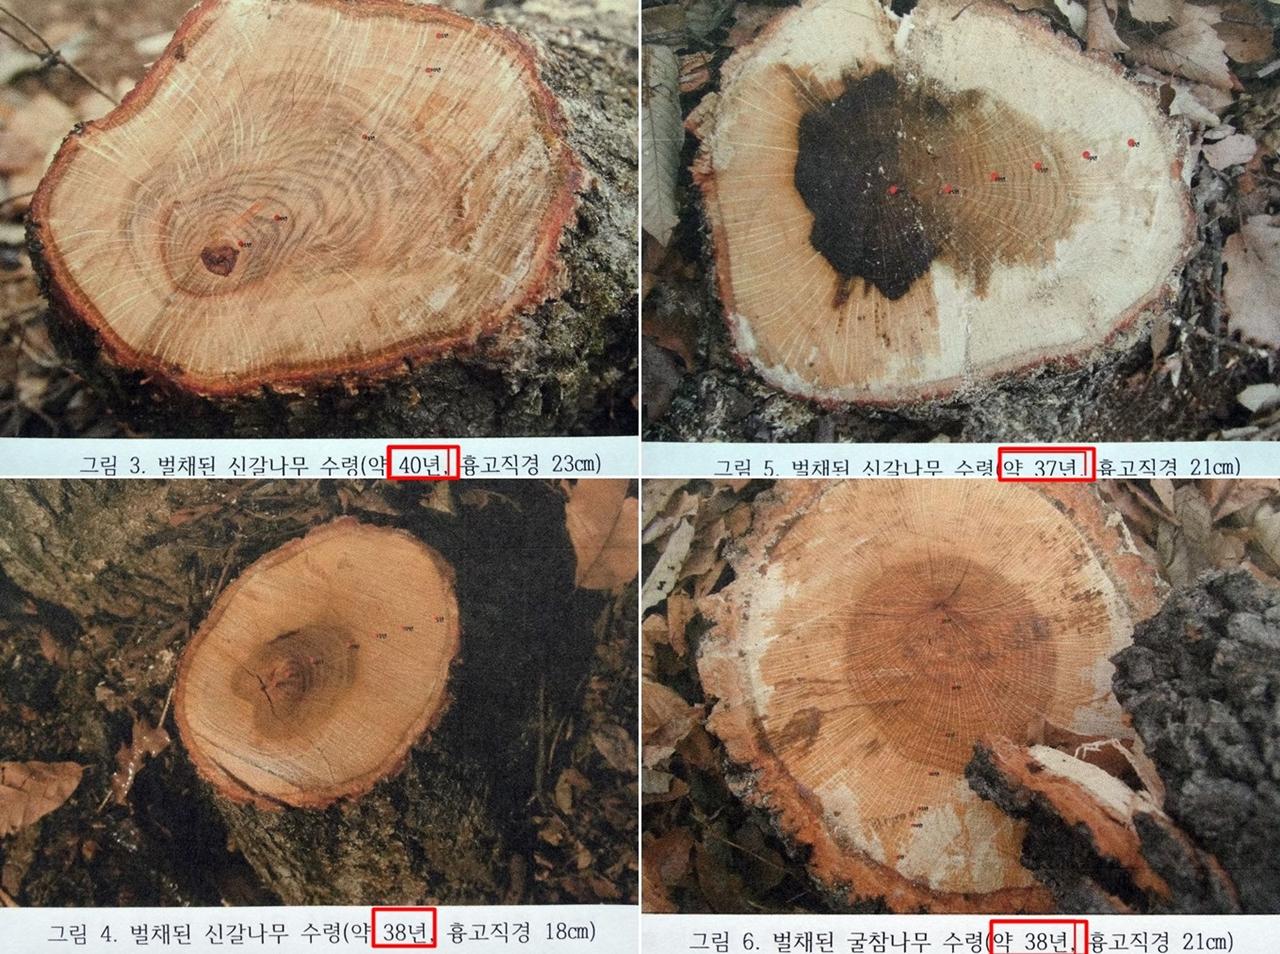 상지대학교 엄태원 교수는 S사가 잘라낸 나무의 지름과 나이테를 정확하게 조사했다. 대부분 38년에서 40년된 신갈나무와 굴참나무들이었다. S사 스스로 이곳의 나무들이 8등급임을 증명해준 것이다.